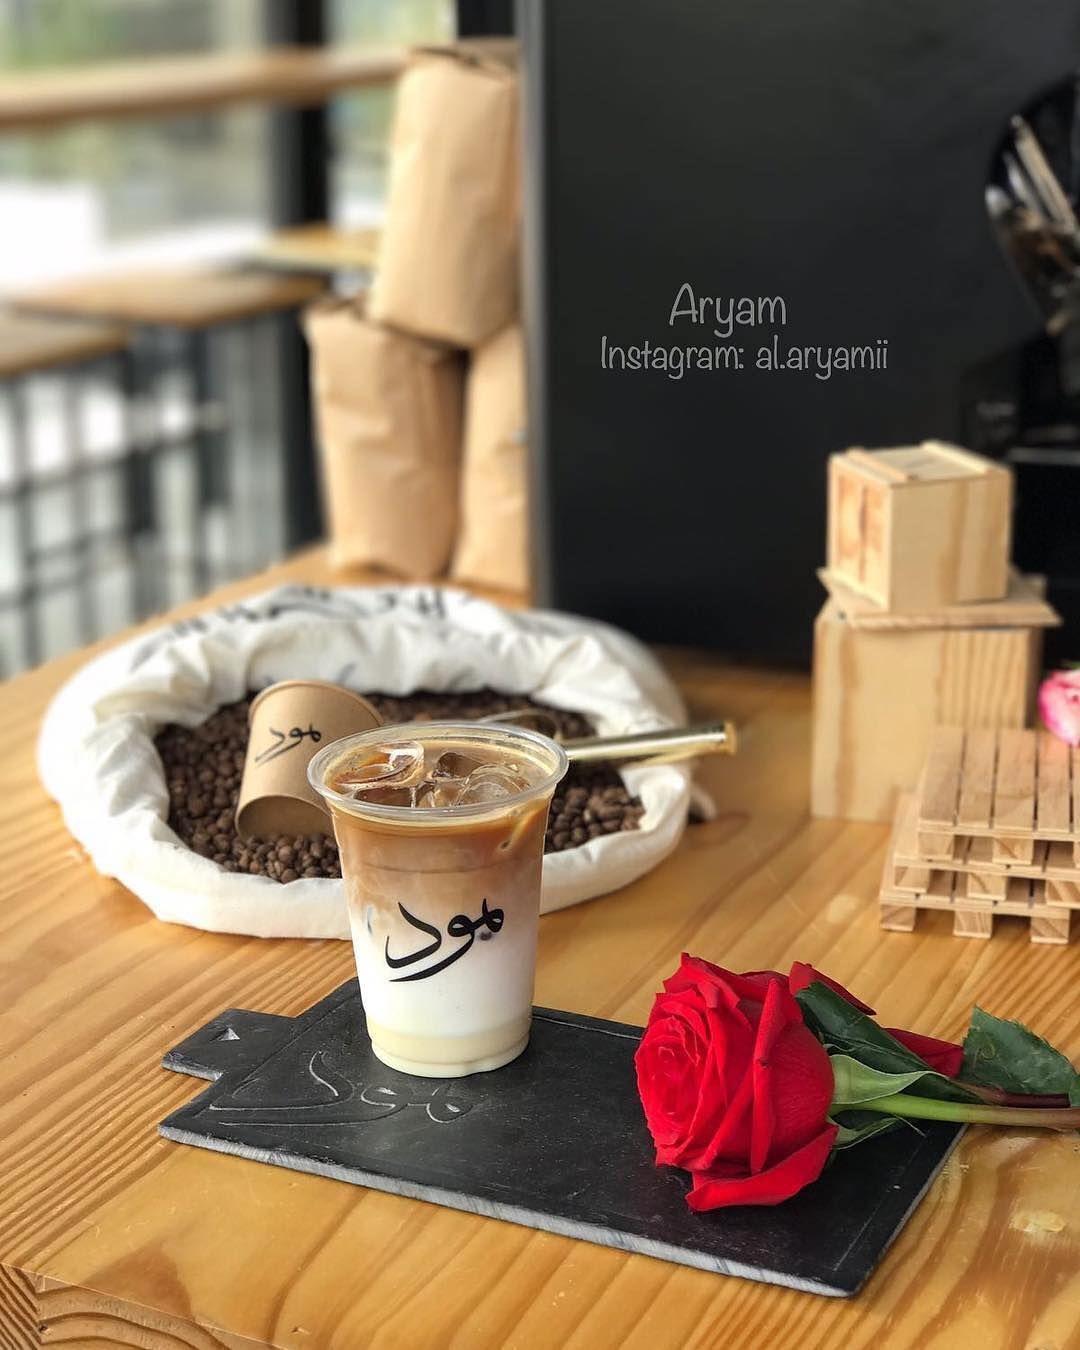 يبقى طيفك لاحضر يشبه العيد ويبقى وطن عمري ويبقى سنينه ㅤ ㅤ ㅤ By Al Aryamii ㅤ Chosen By Rawasi ㅤ التقييم مـن 5 ㅤㅤㅤㅤ تـاقـزات Tableware Coffee Glassware